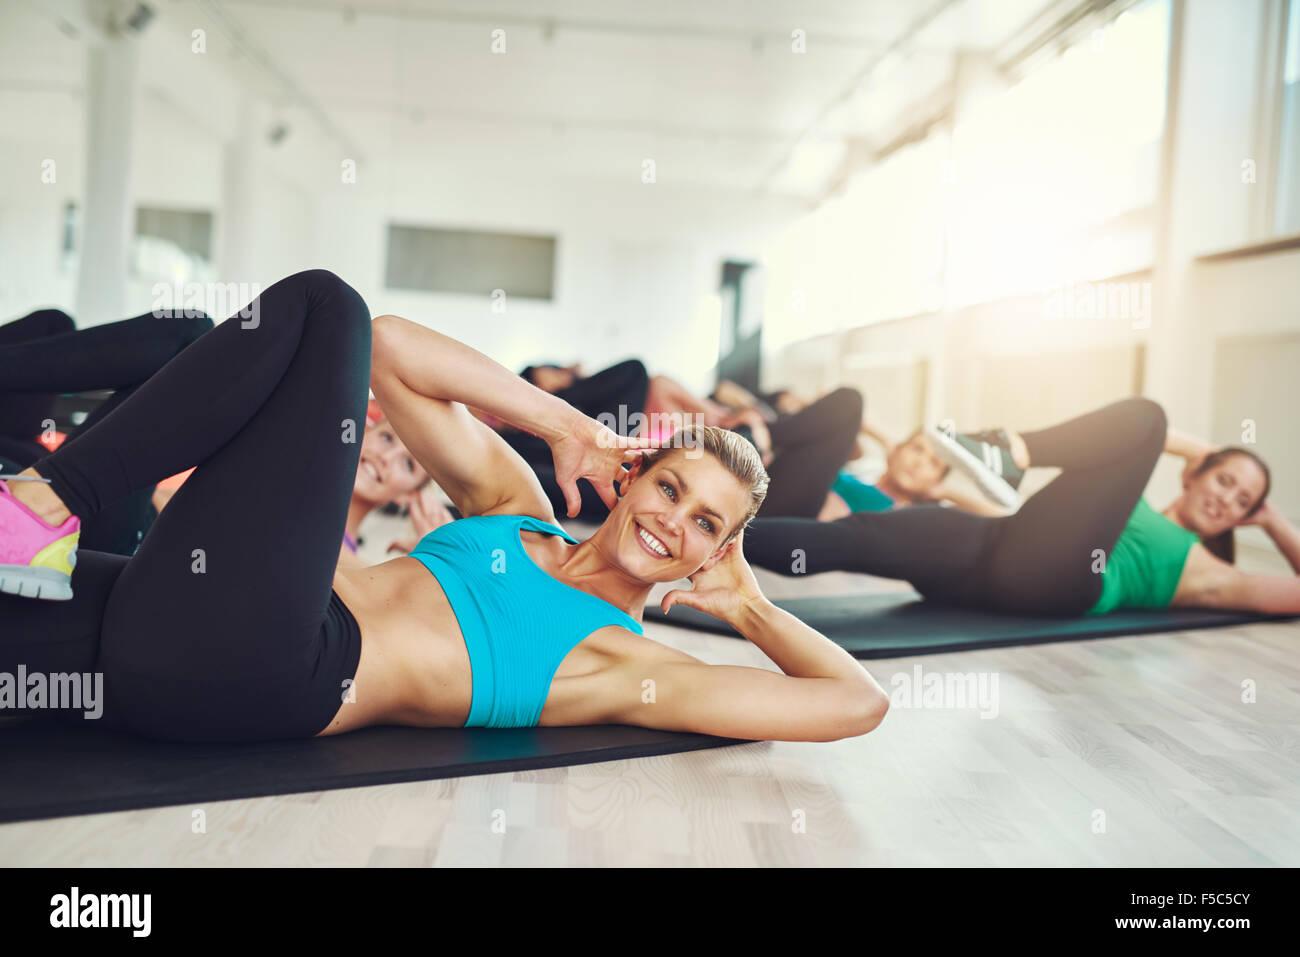 Sorridente attraente giovane donna facendo ginnastica in palestra con un gruppo di giovani donne in salute e concetto Immagini Stock